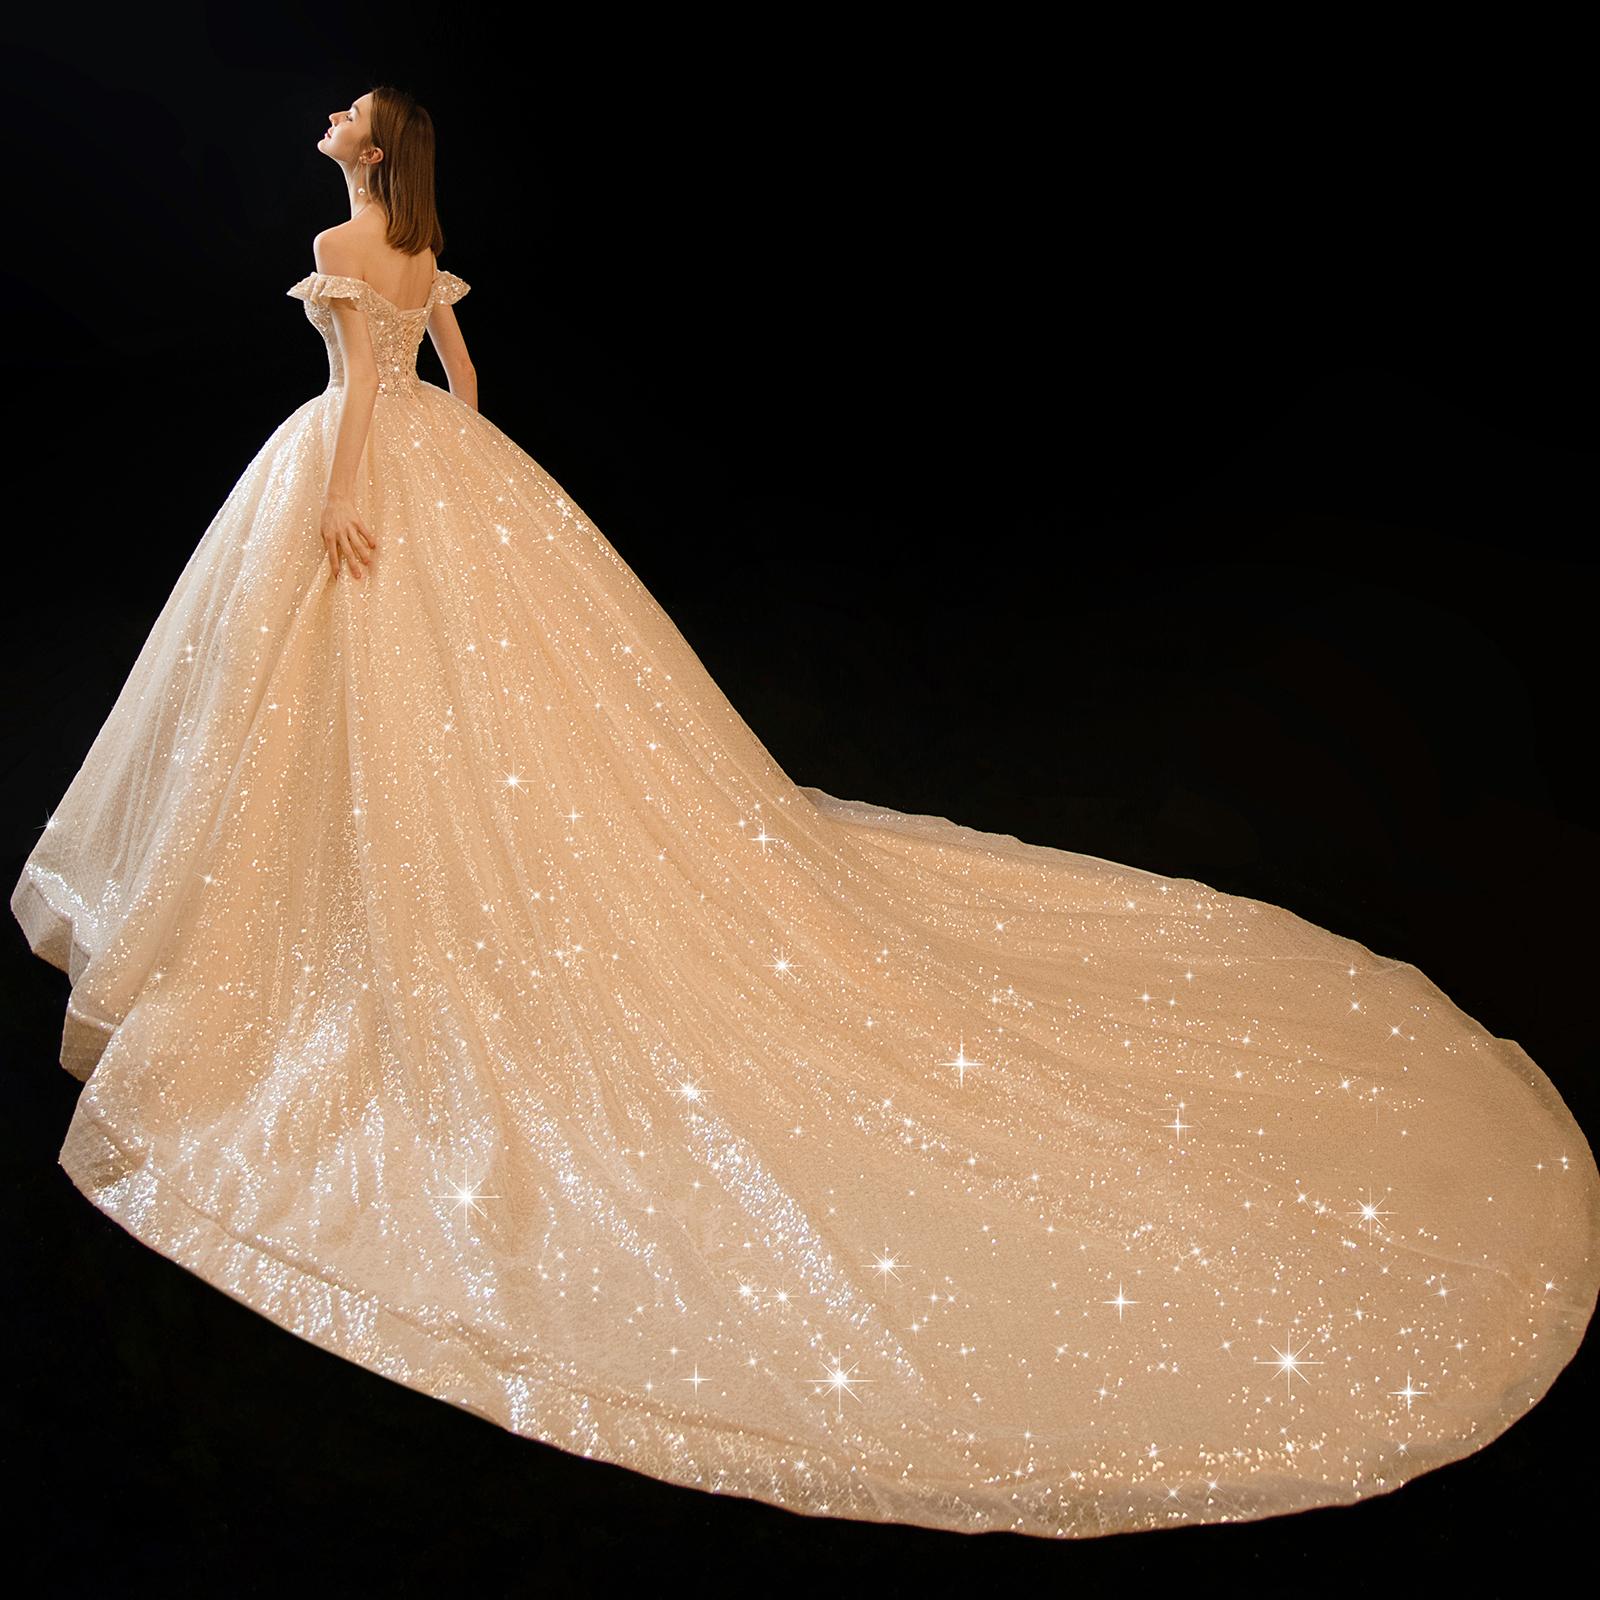 满庭芳【凡尔赛舞会】一字肩婚纱2020新款大拖尾新娘高端星空婚纱图片